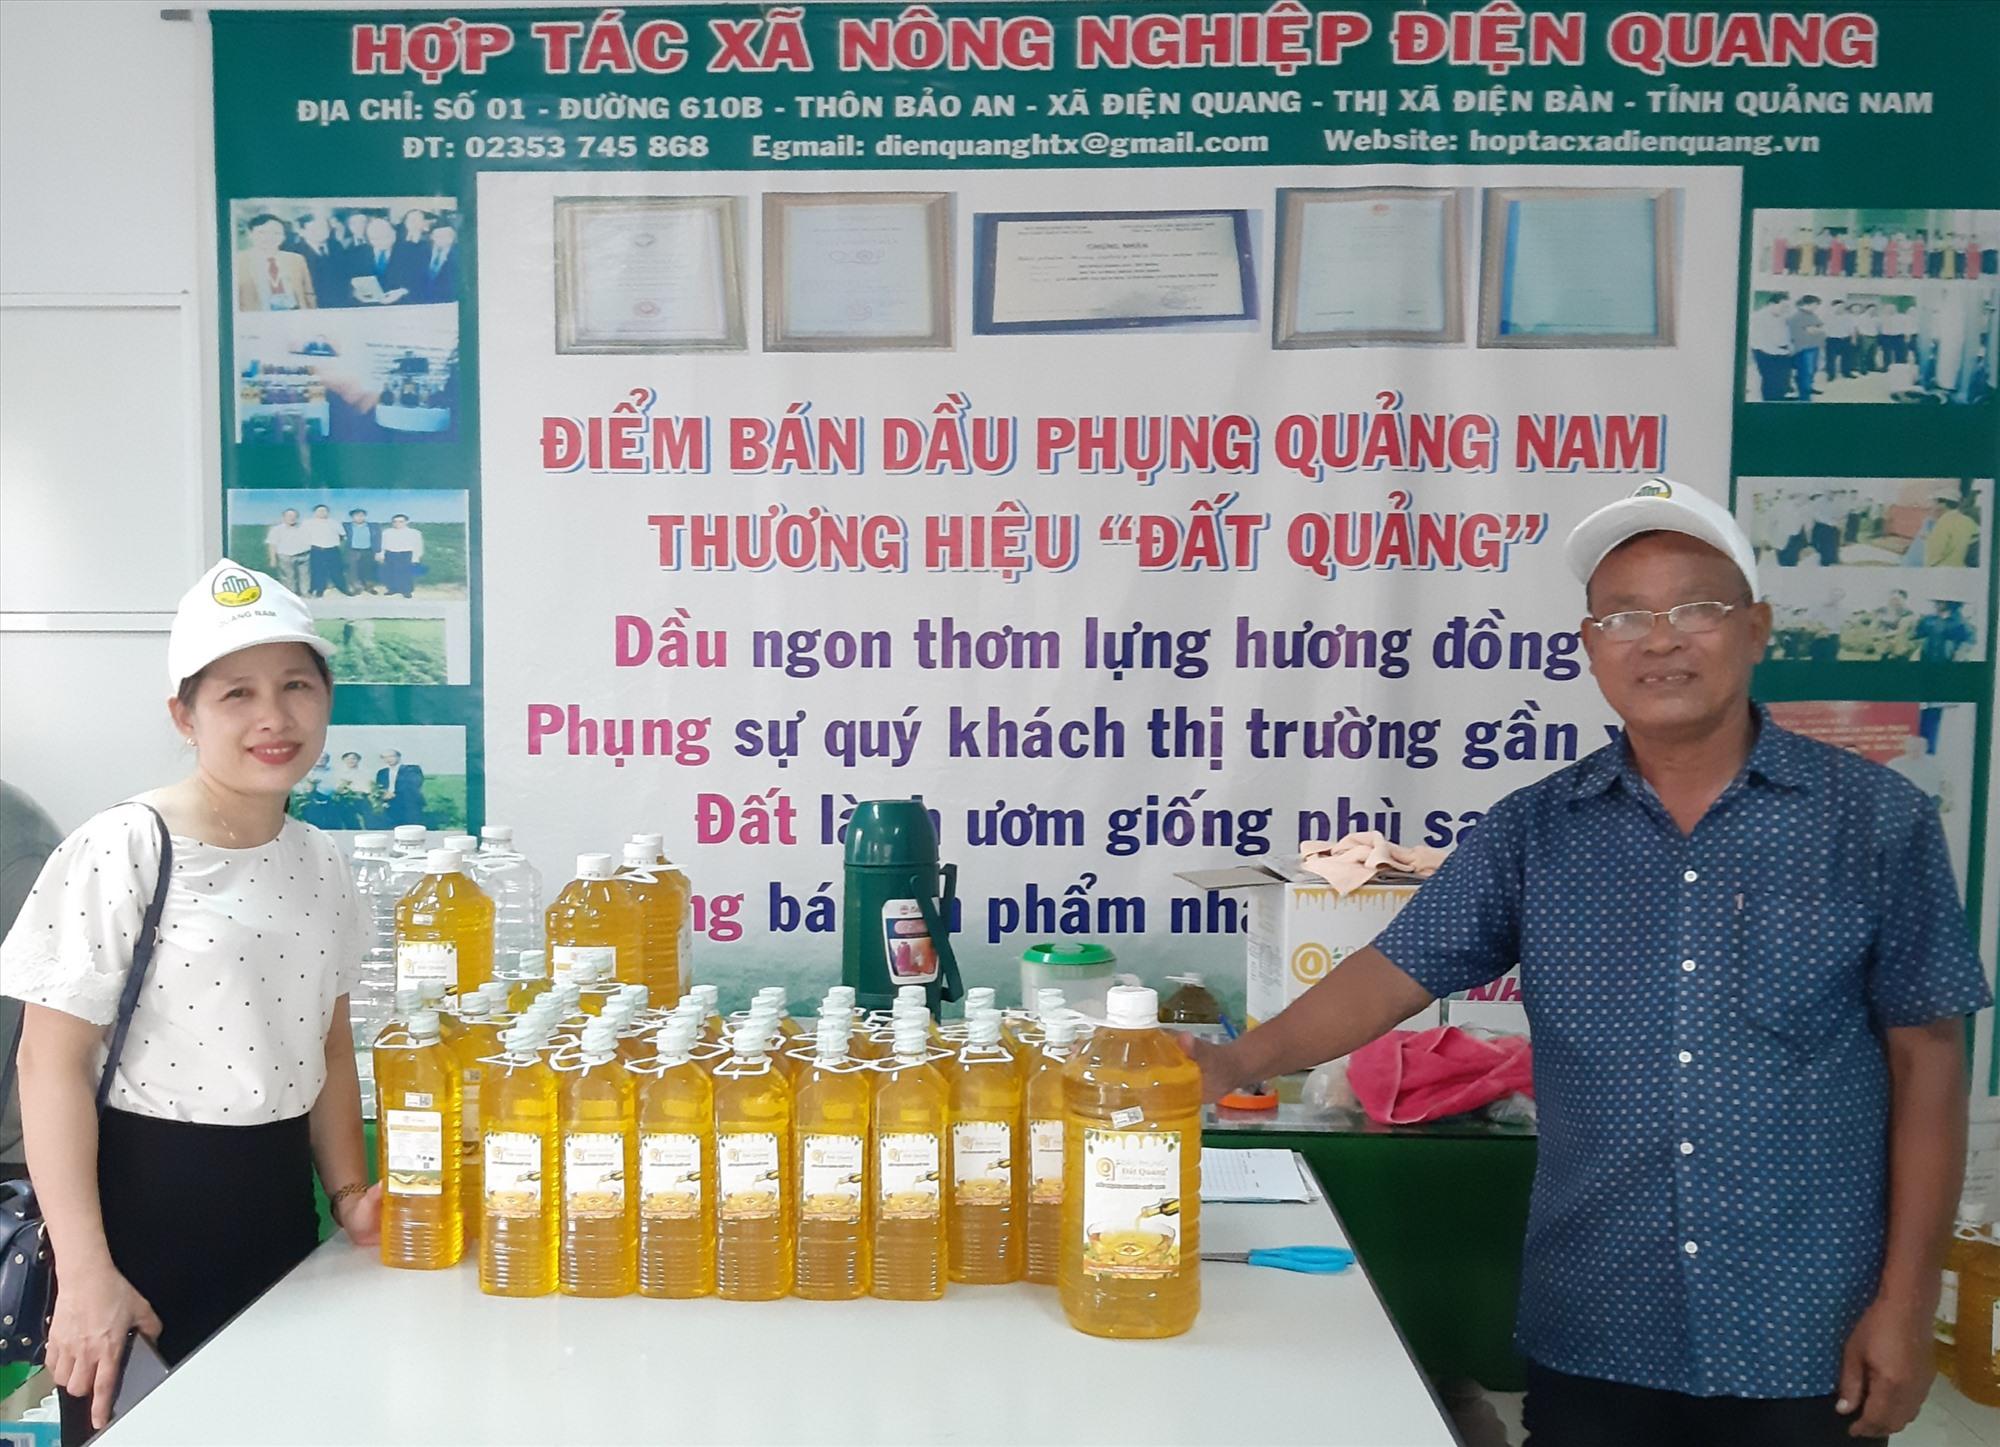 Dầu phụng Đất Quảng của HTX Nông nghiệp Điện Quang cần được hỗ trợ nhiều khâu để vươn ra thị trường.